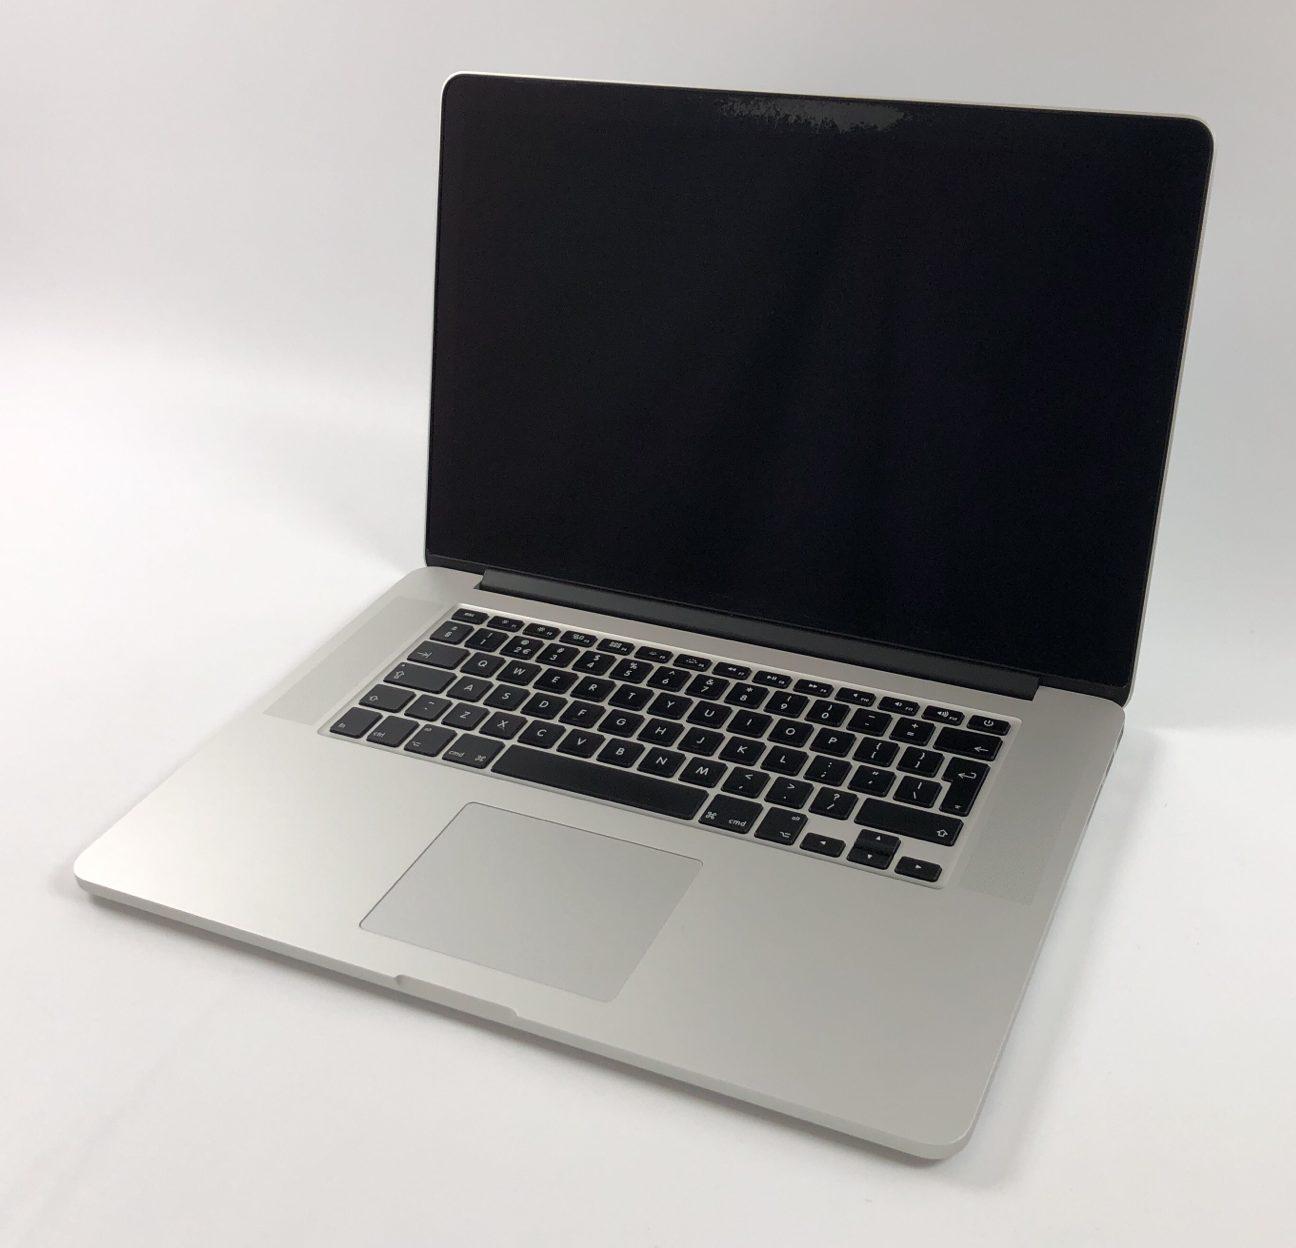 """MacBook Pro Retina 15"""" Mid 2014 (Intel Quad-Core i7 2.8 GHz 16 GB RAM 1 TB SSD), Intel Quad-Core i7 2.8 GHz, 16 GB RAM, 1 TB SSD, Afbeelding 1"""